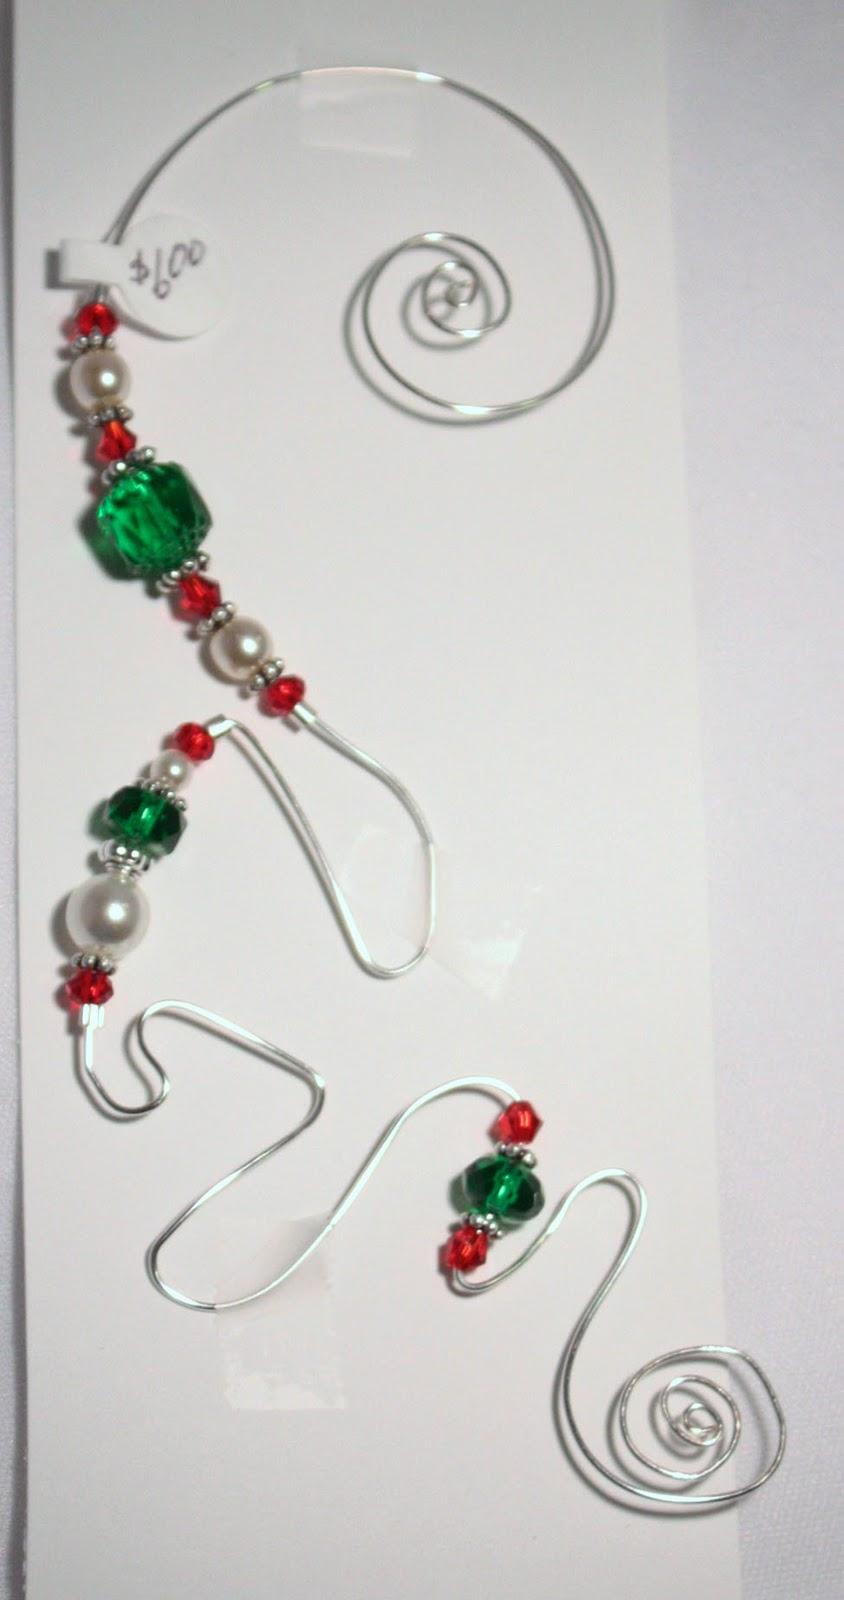 2010 Swarovski Christmas Ornament